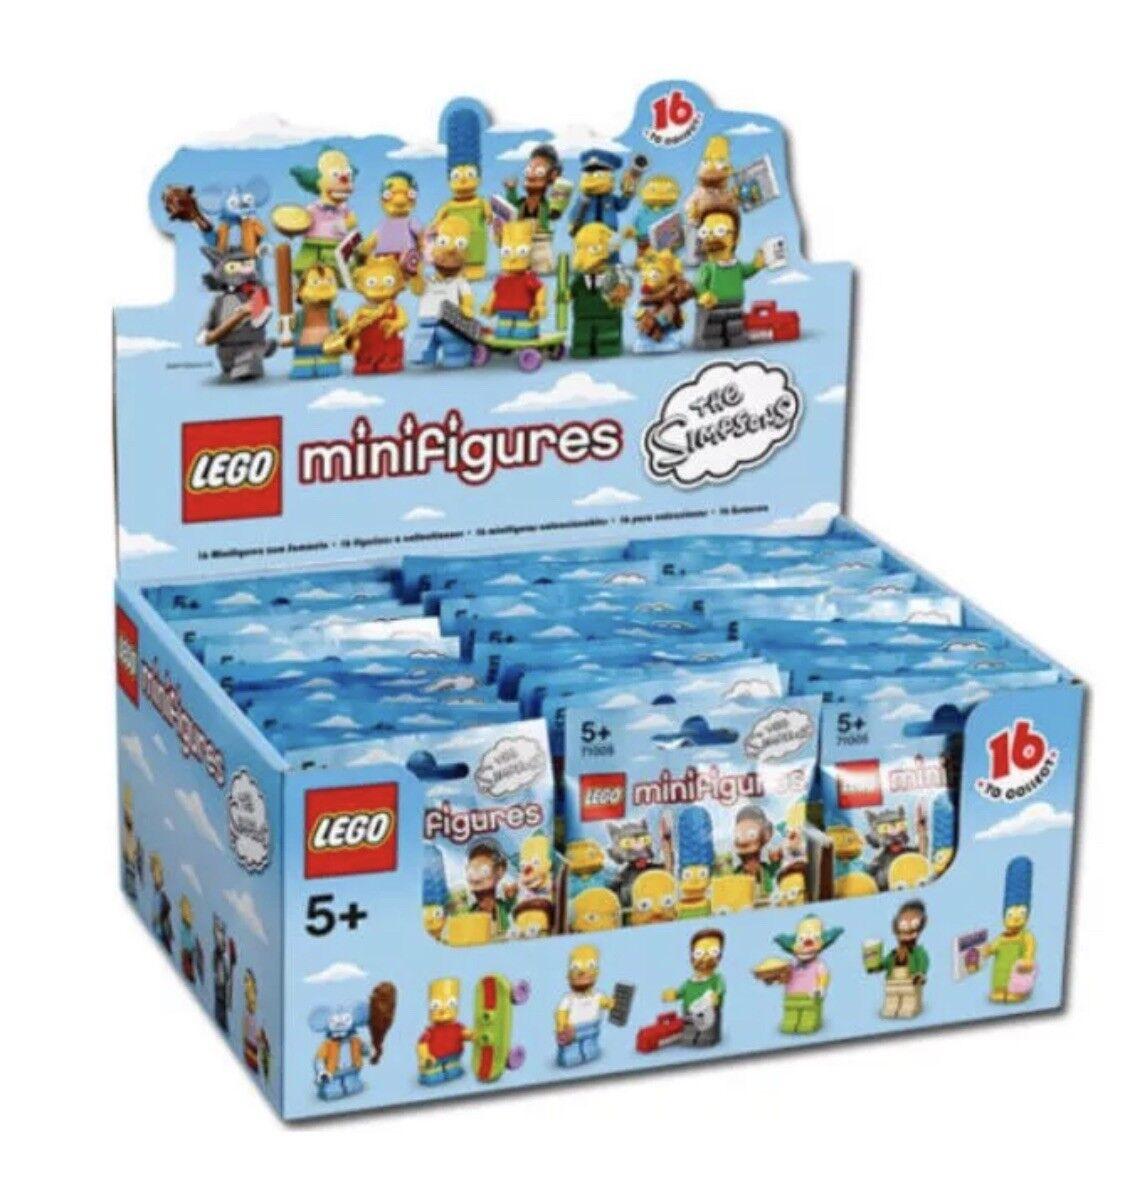 nuovo  SEALED LEGO scatola Case 71005 of 60 MINIcifraS SERIES 1 THE SIMPSONS  negozi al dettaglio